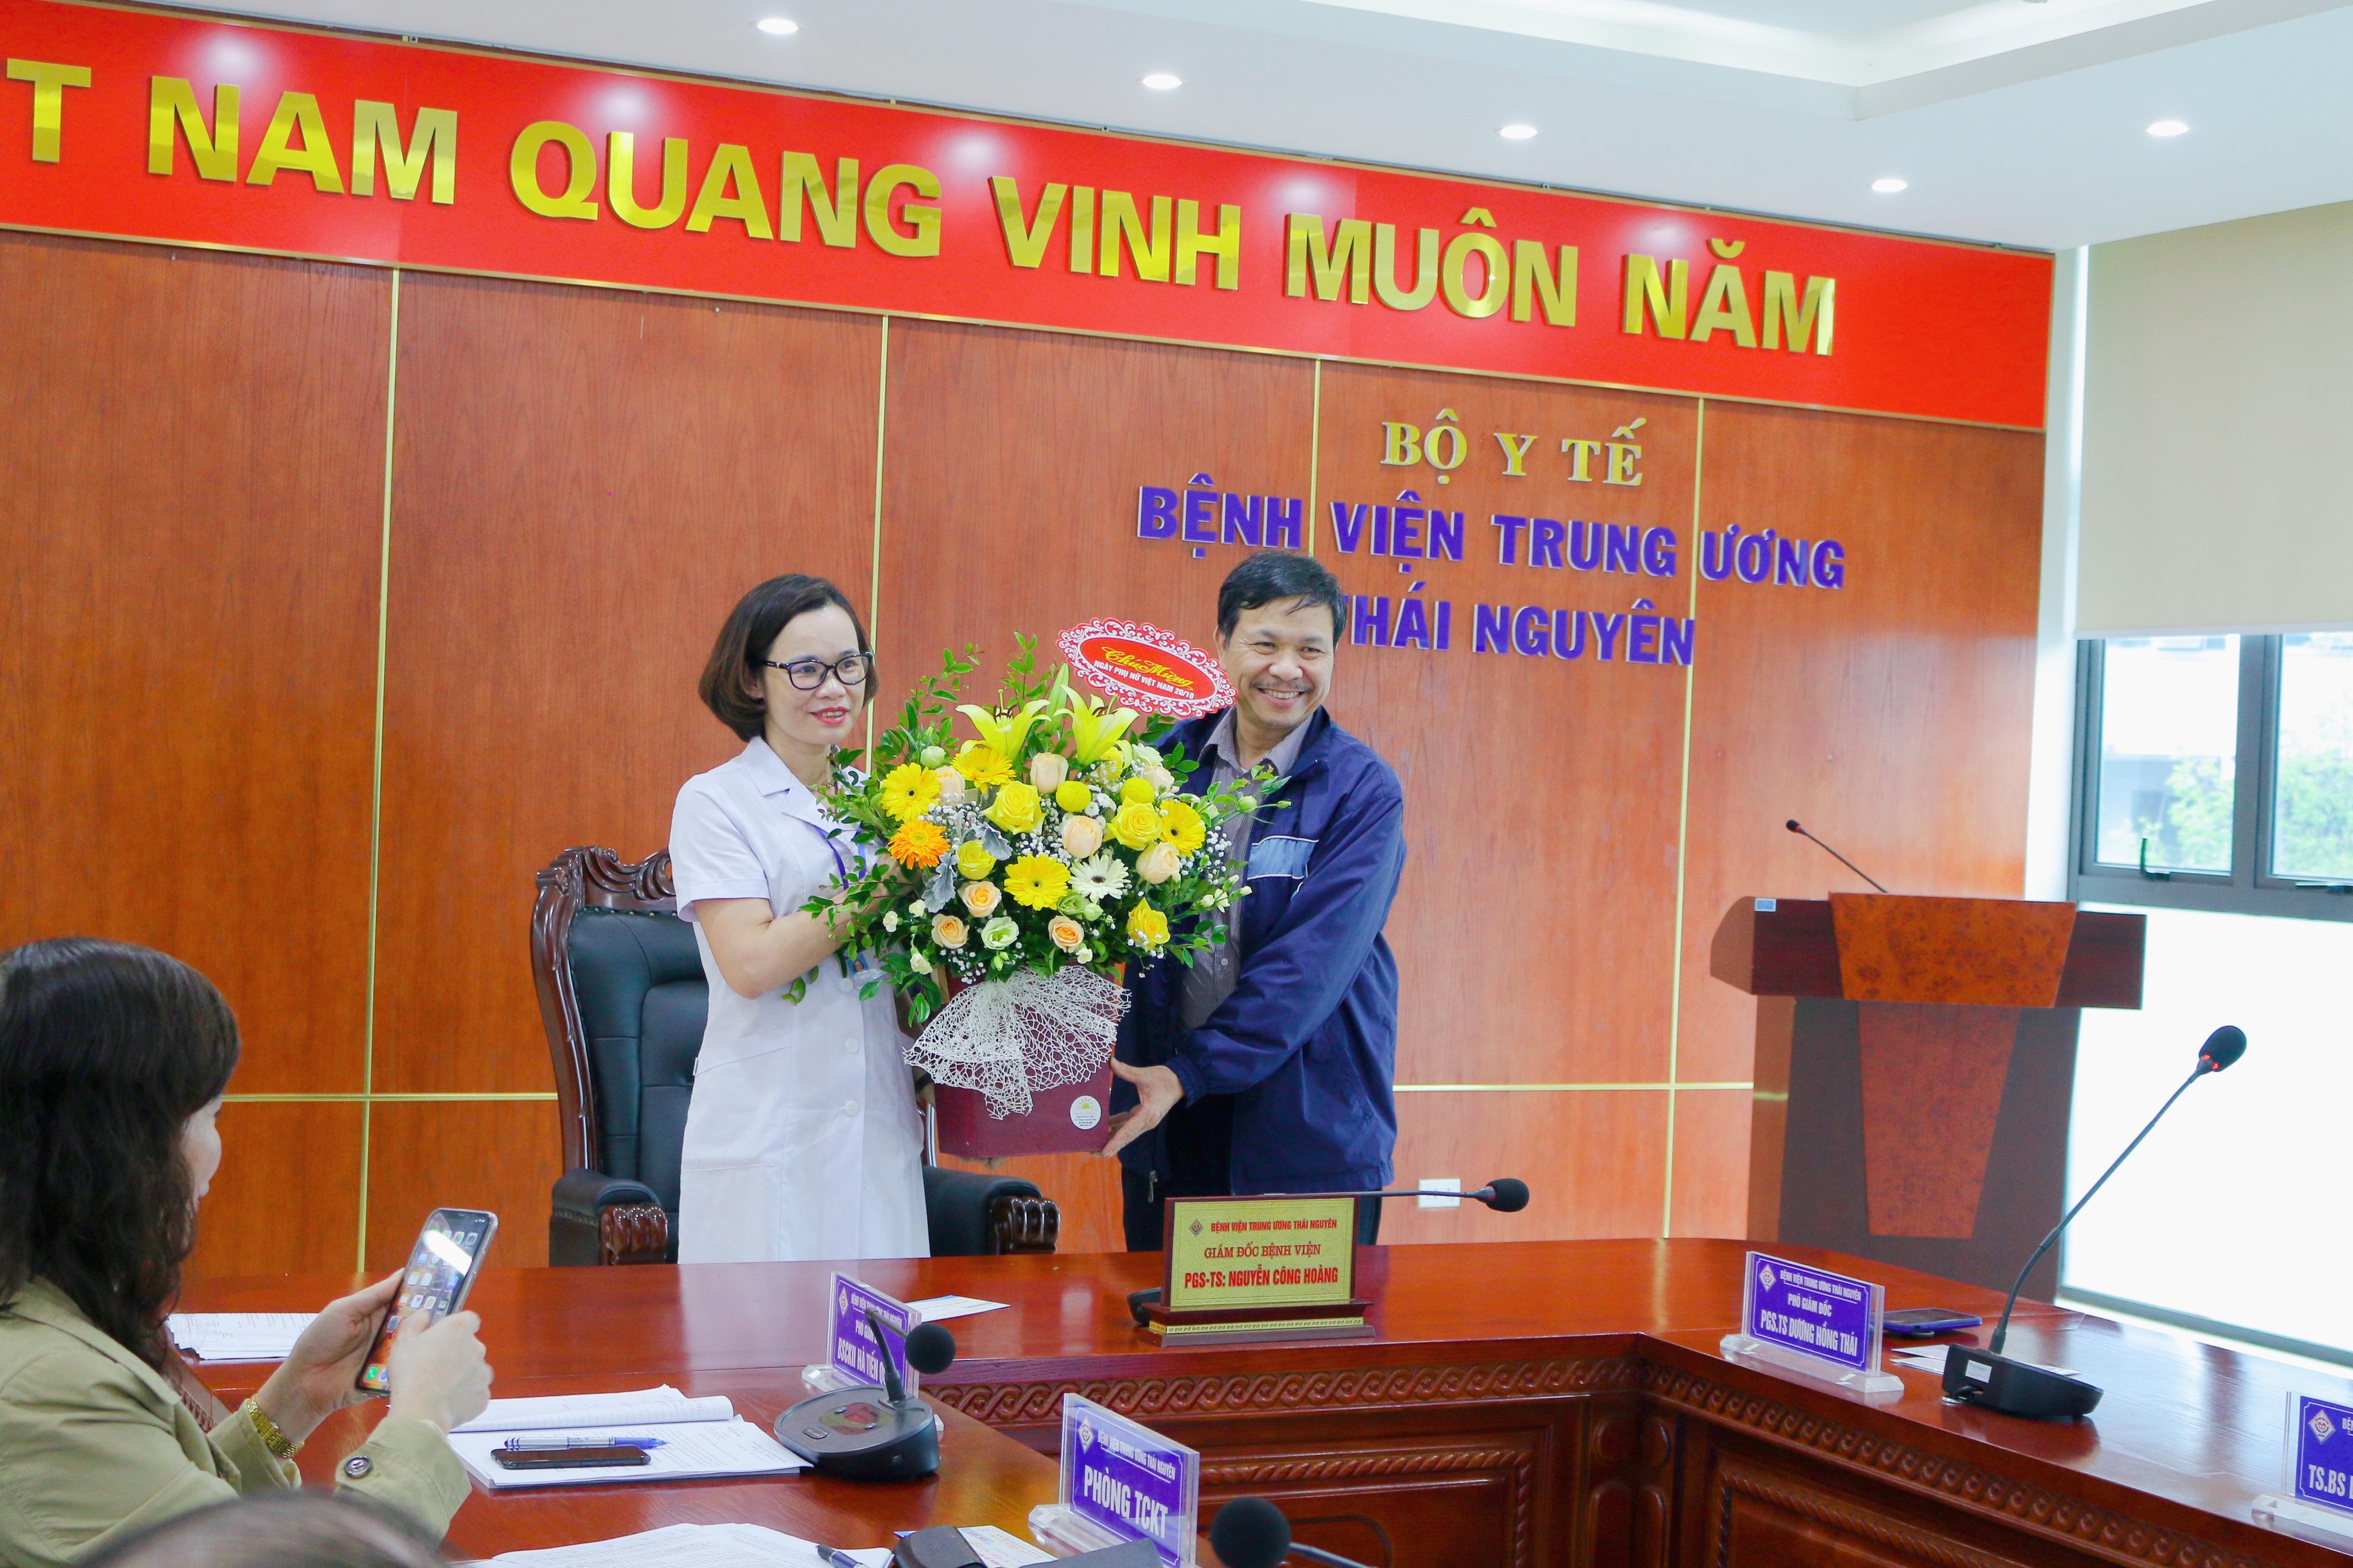 Lãnh đạo Bệnh viện tặng hoa, chúc mừng nữ cán bộ, viên chức nhân ngày Phụ nữ Việt Nam 20/10